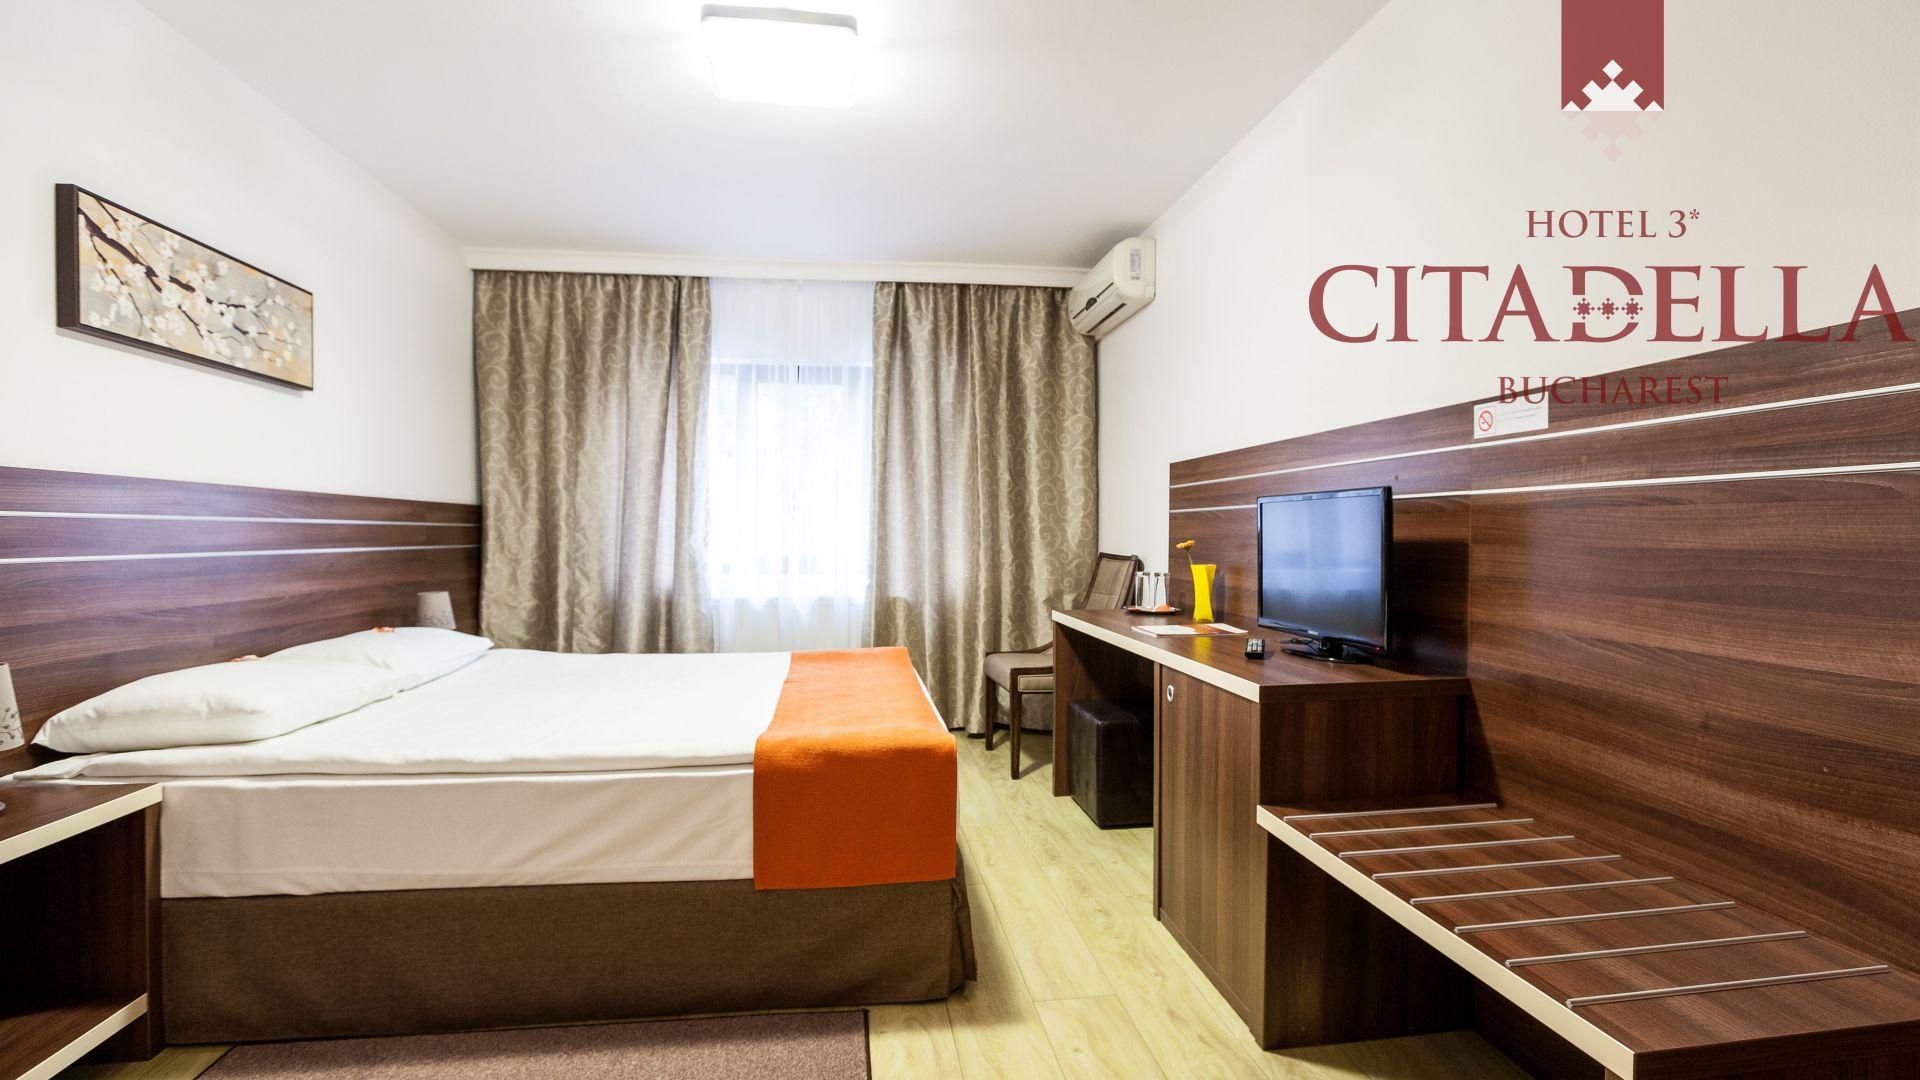 Hotel Citadella Gallery